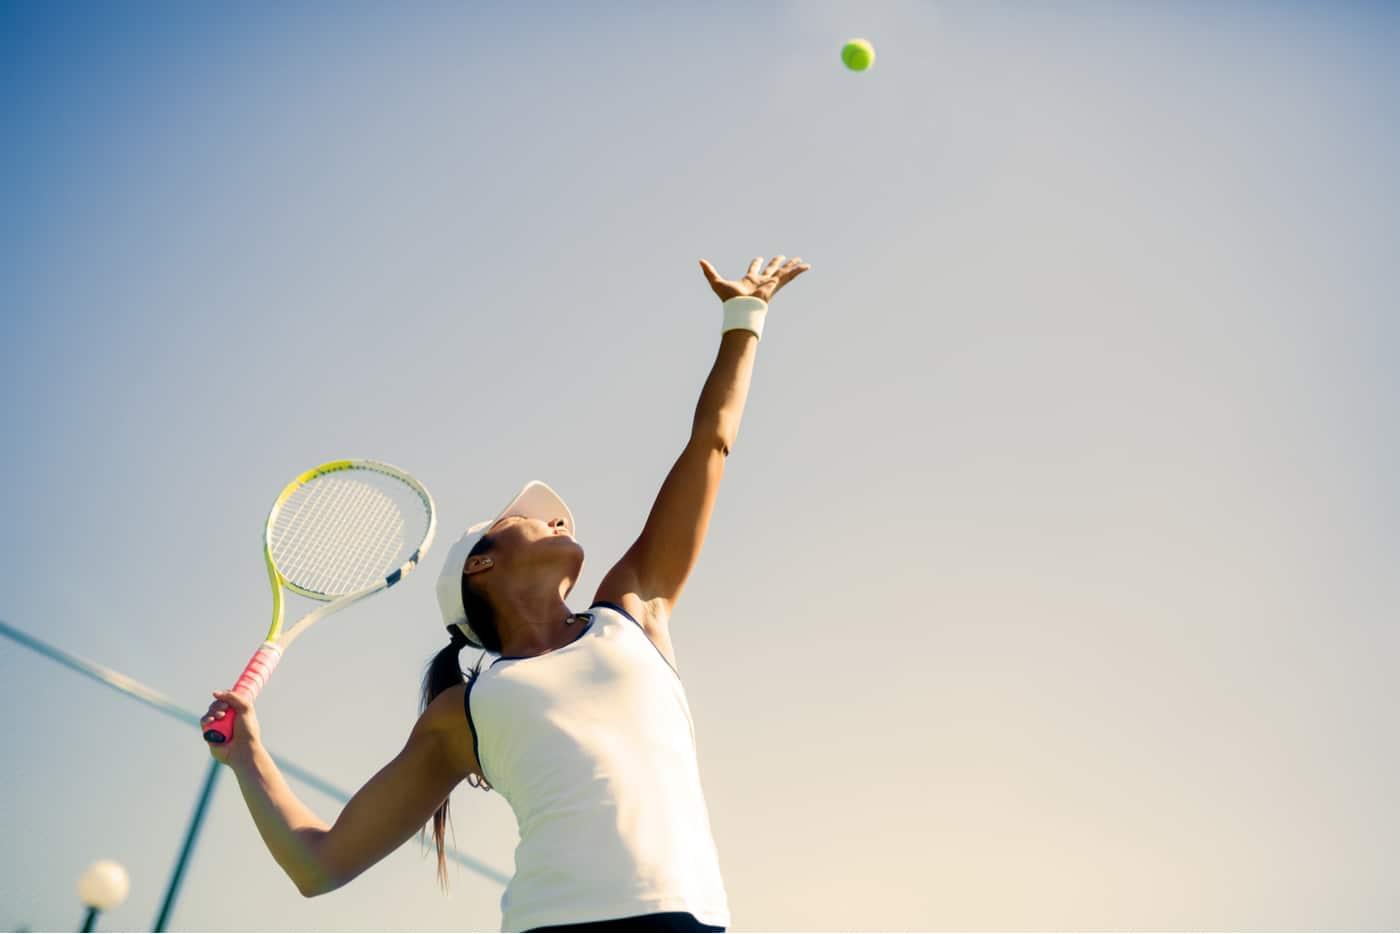 naistenviikon kolumni. Tennispelaaja syöttää.